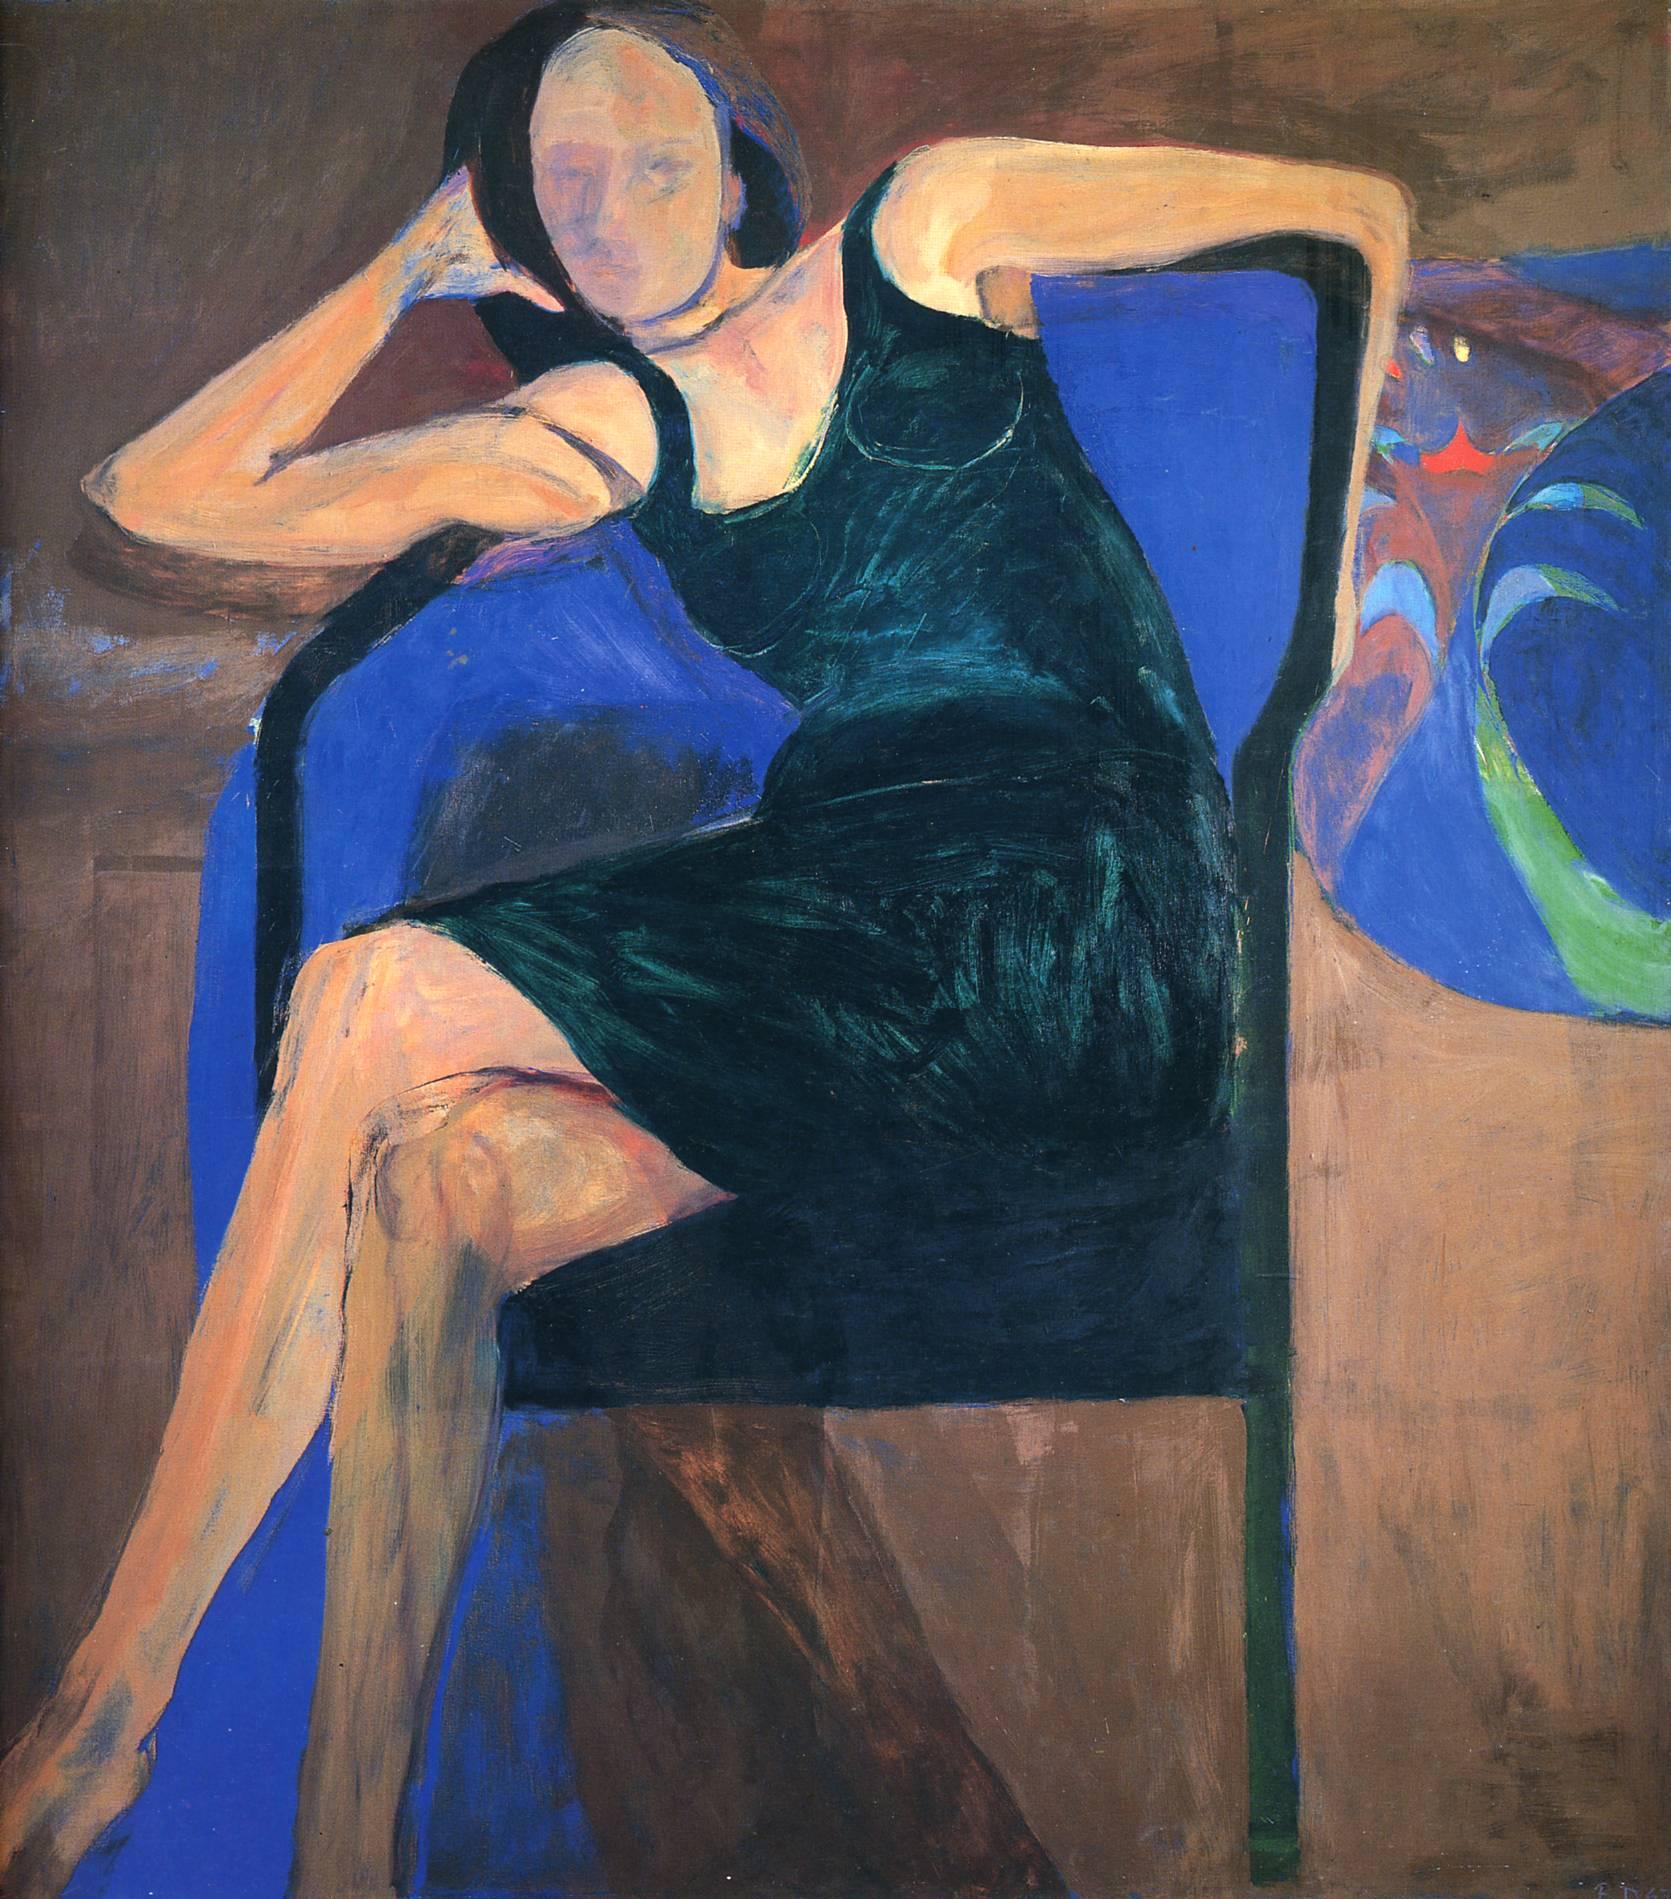 Seated WomanRichard Diebenkorn Paintings